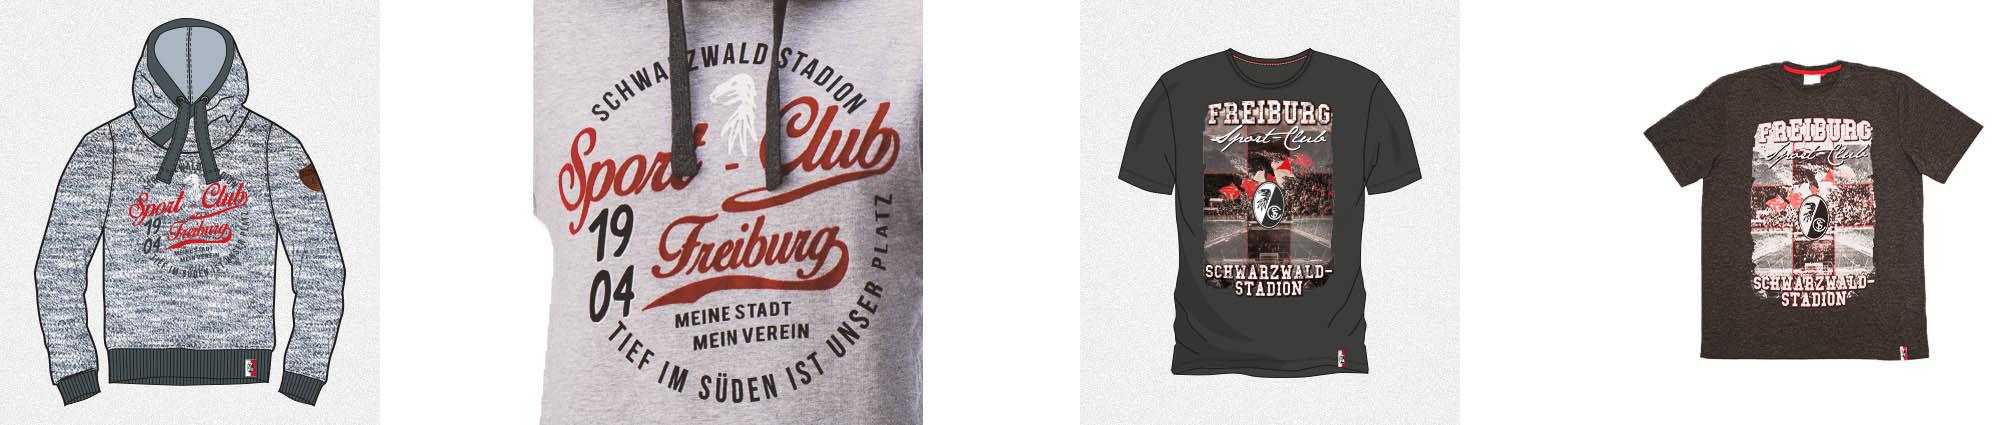 SC Freiburg Merchandise